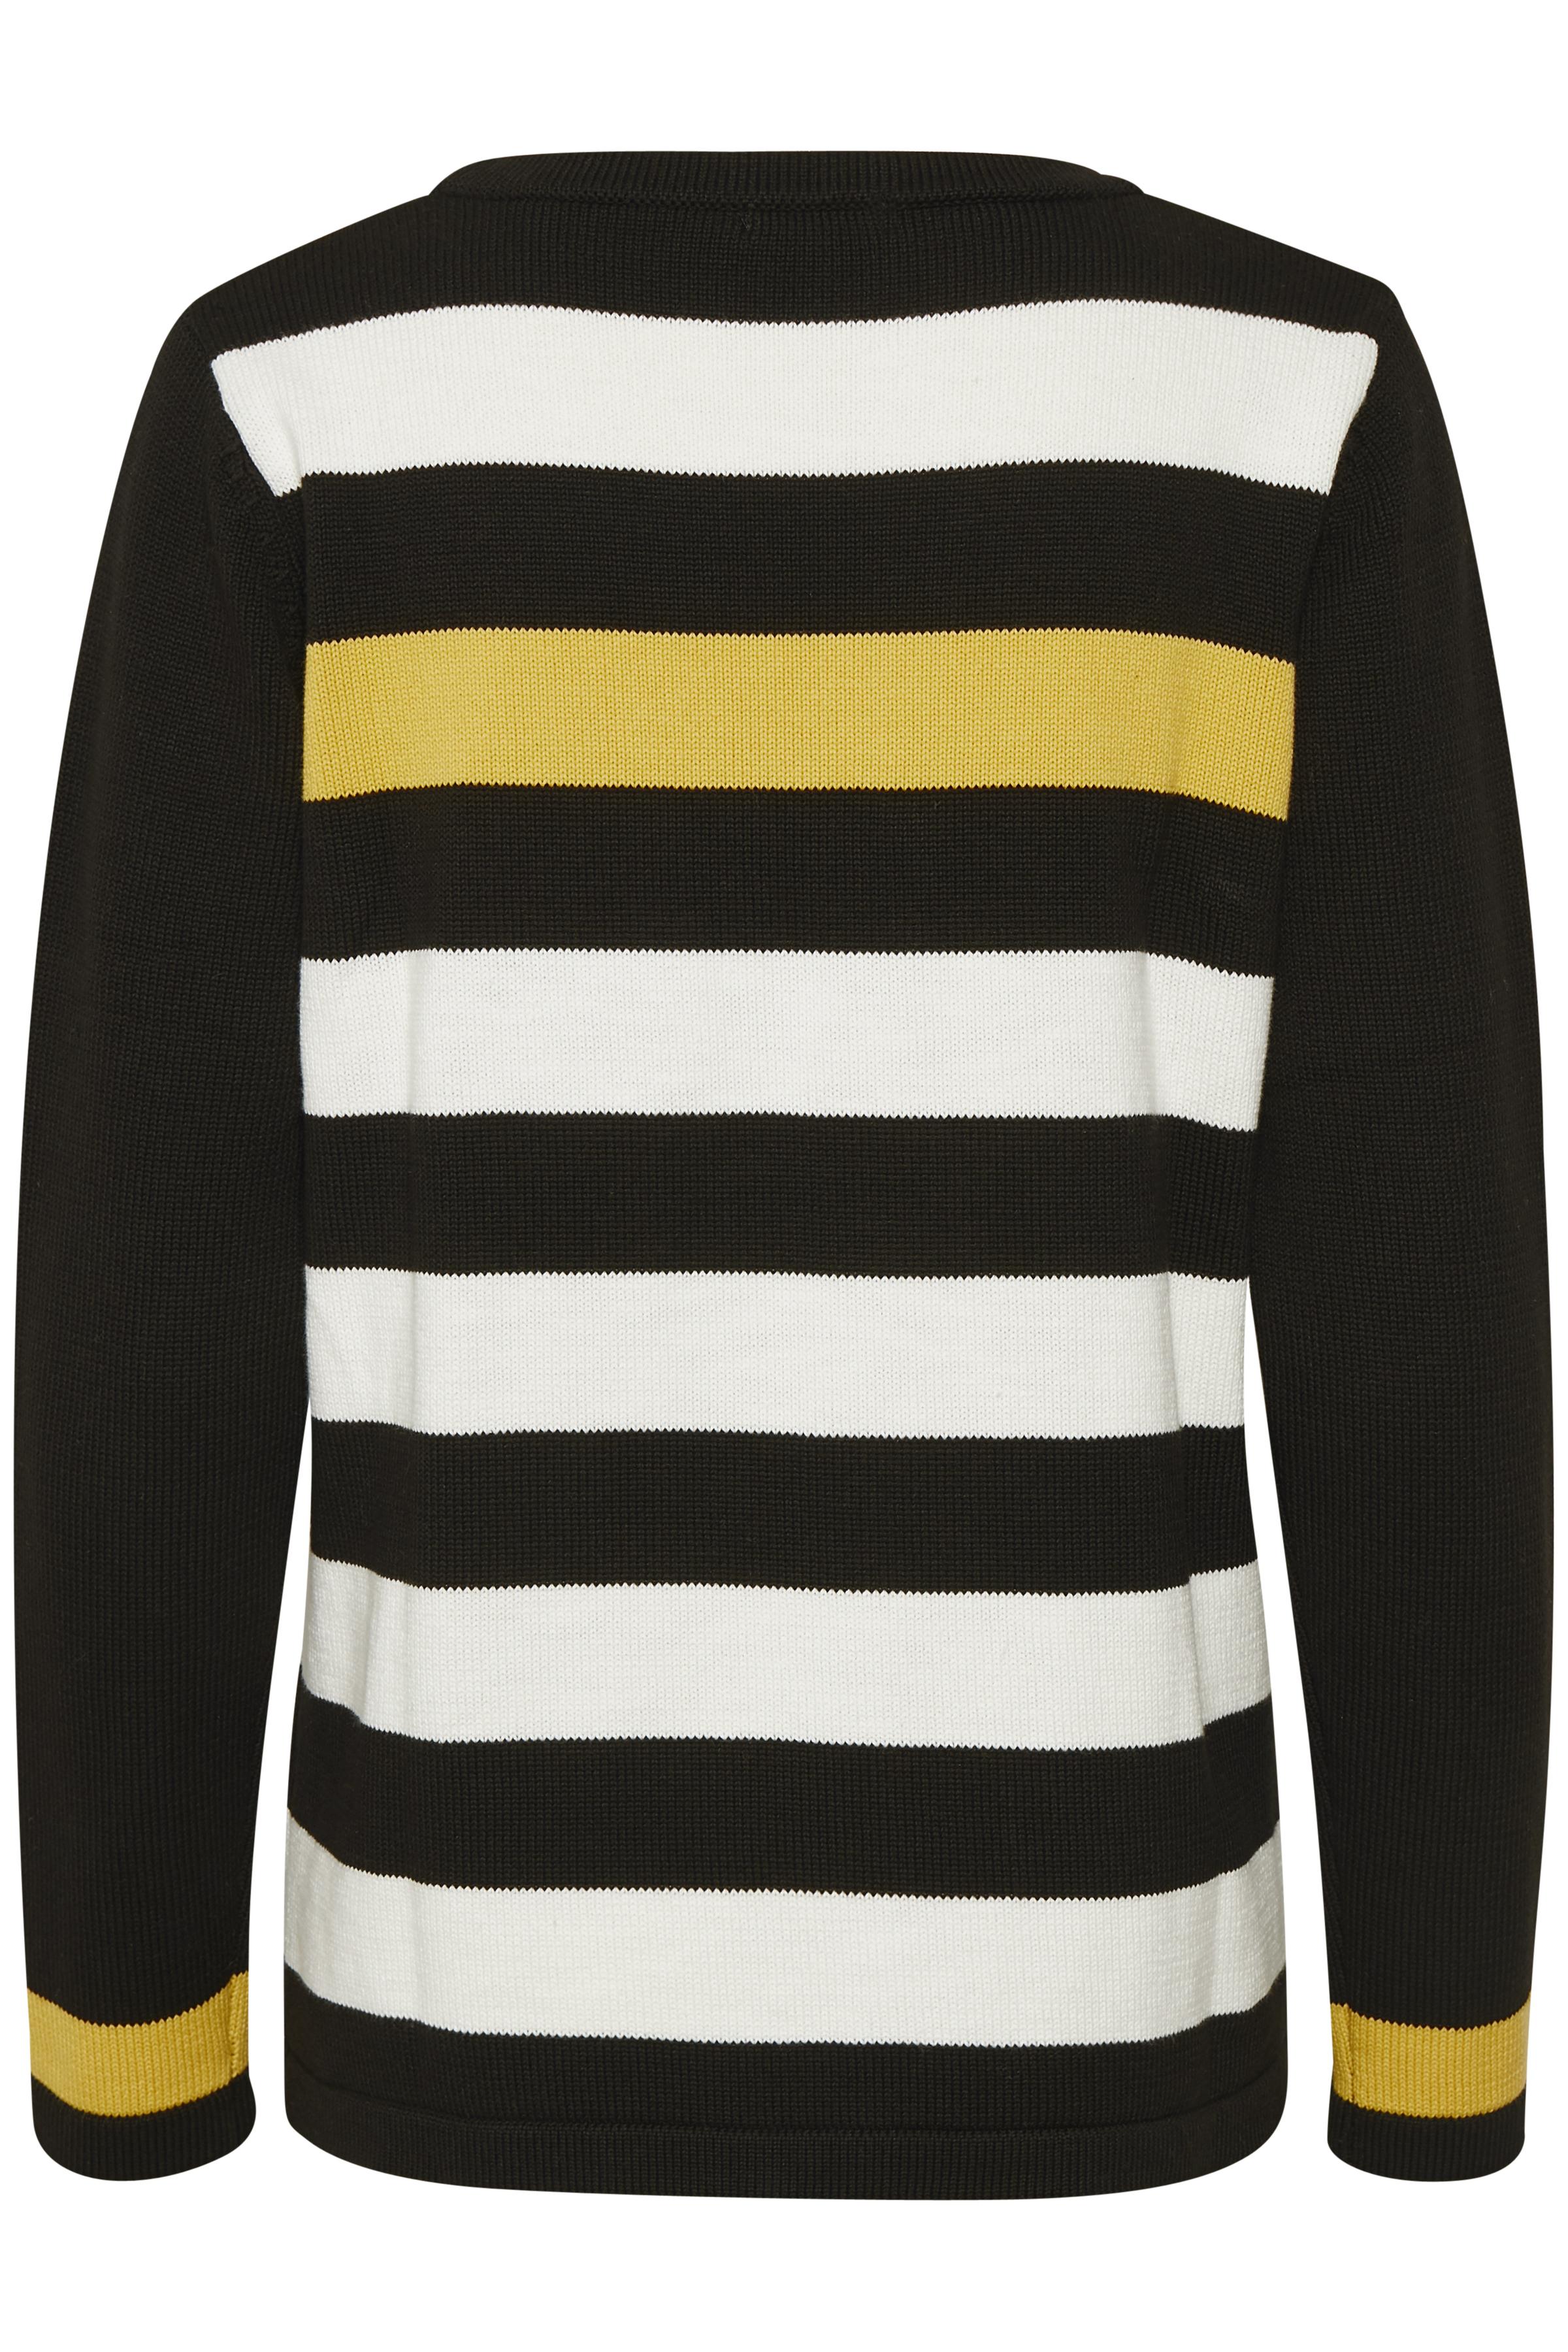 Svart/off-white Stickad pullover från Bon'A Parte – Köp Svart/off-white Stickad pullover från stl. S-2XL här